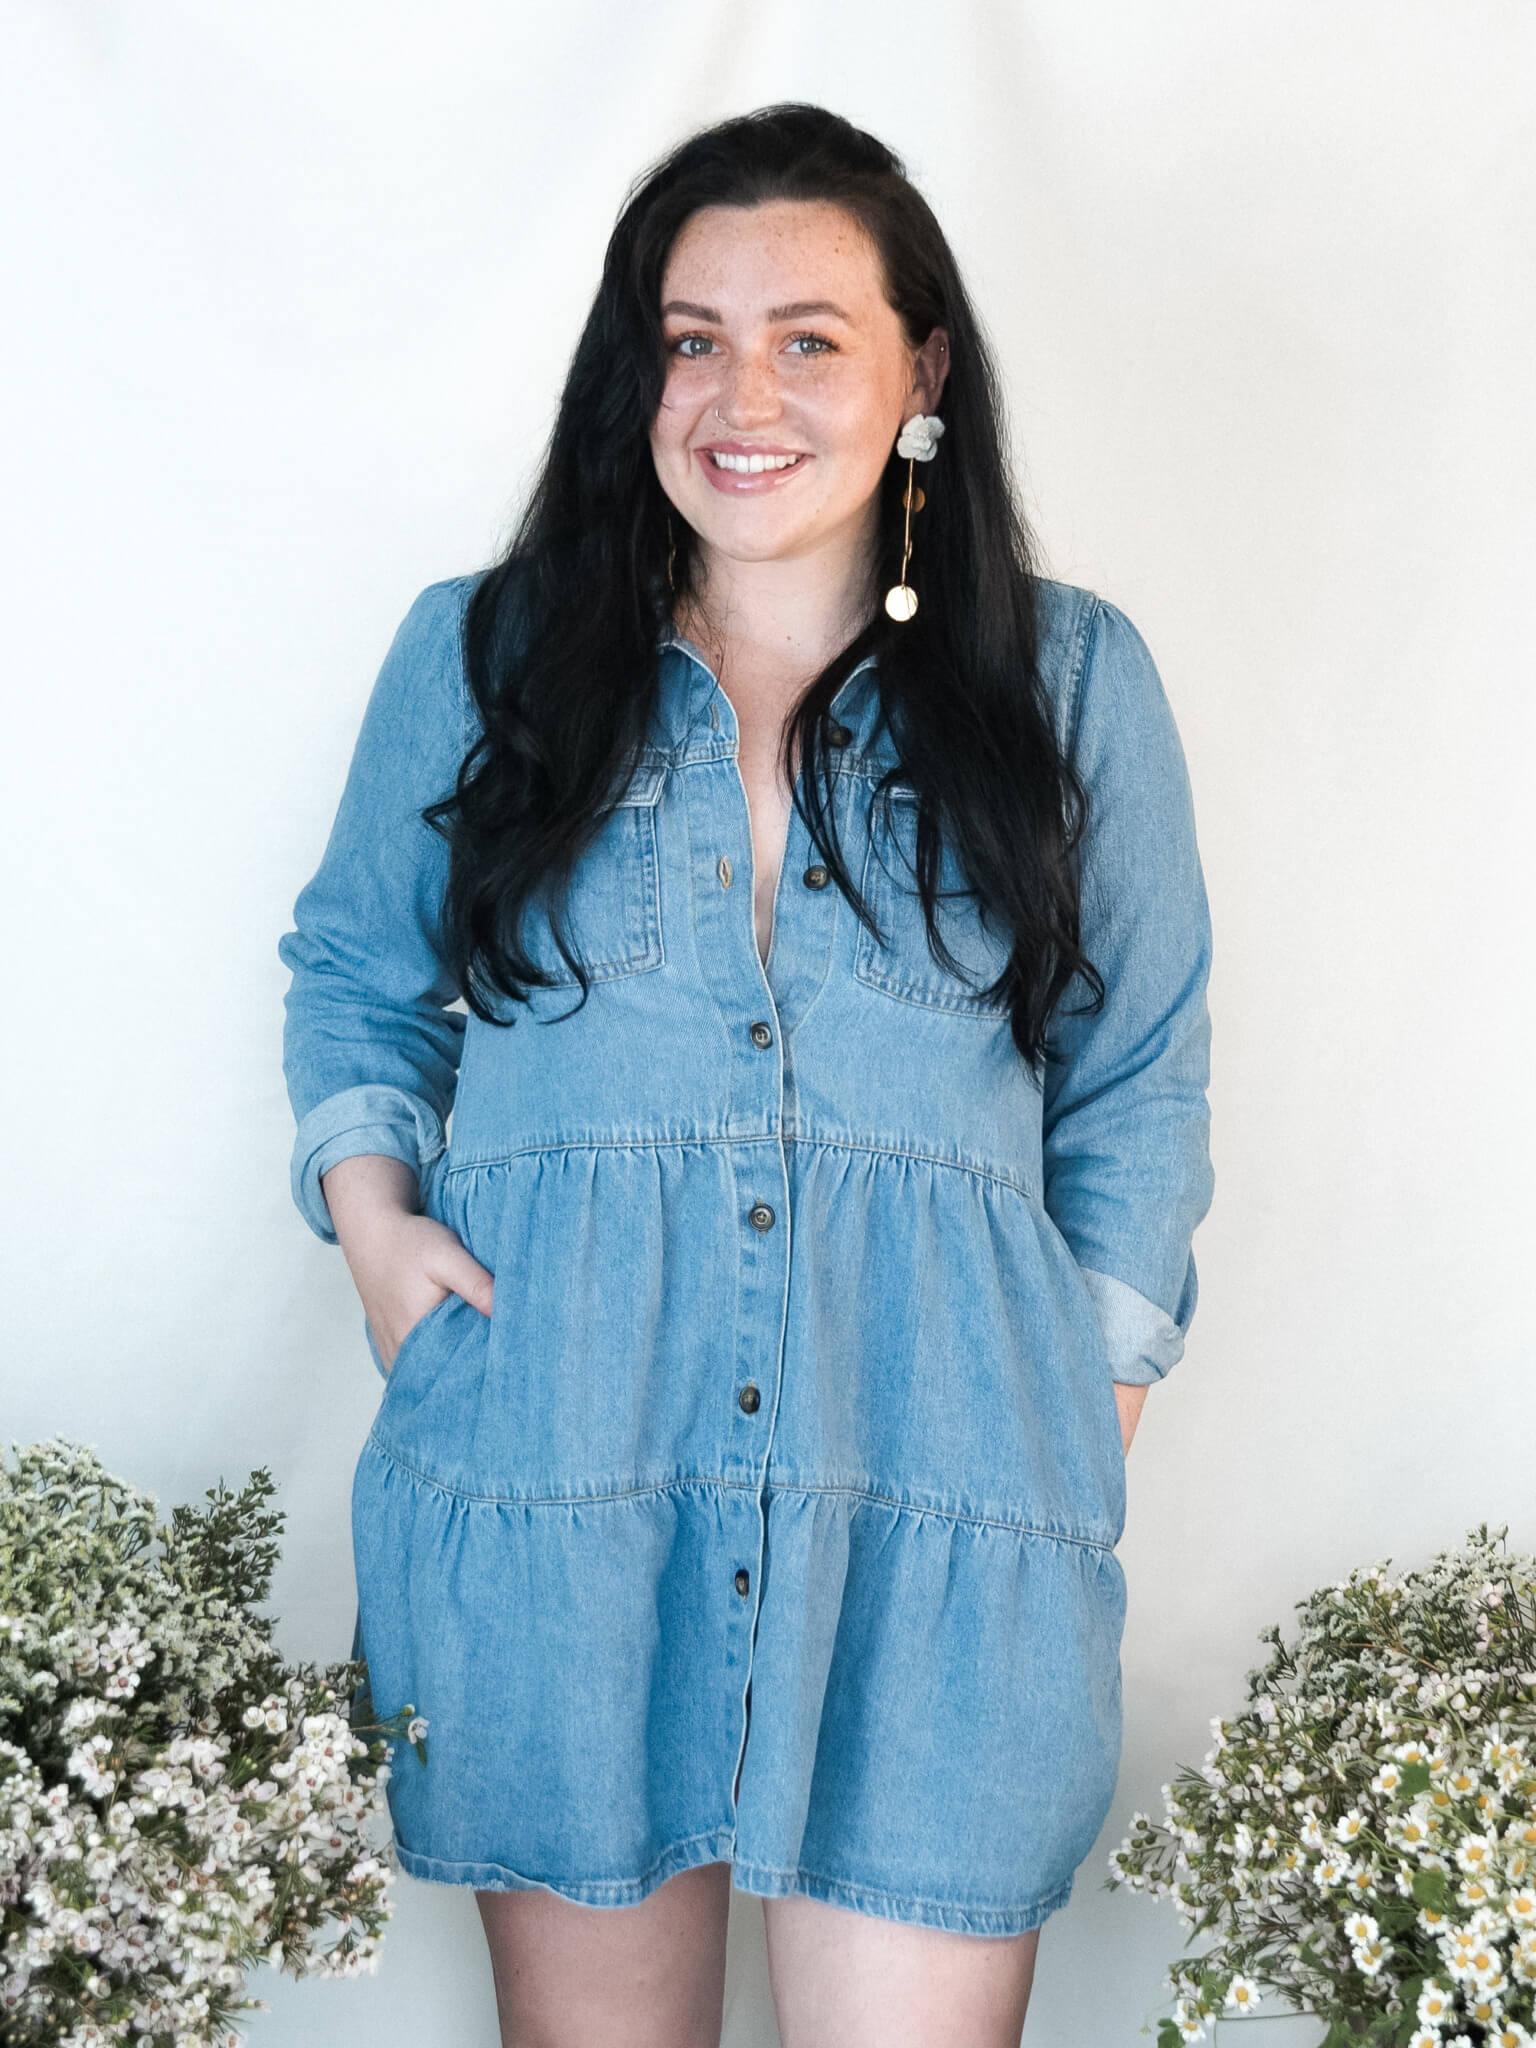 Megan Rasmussen blog headshot